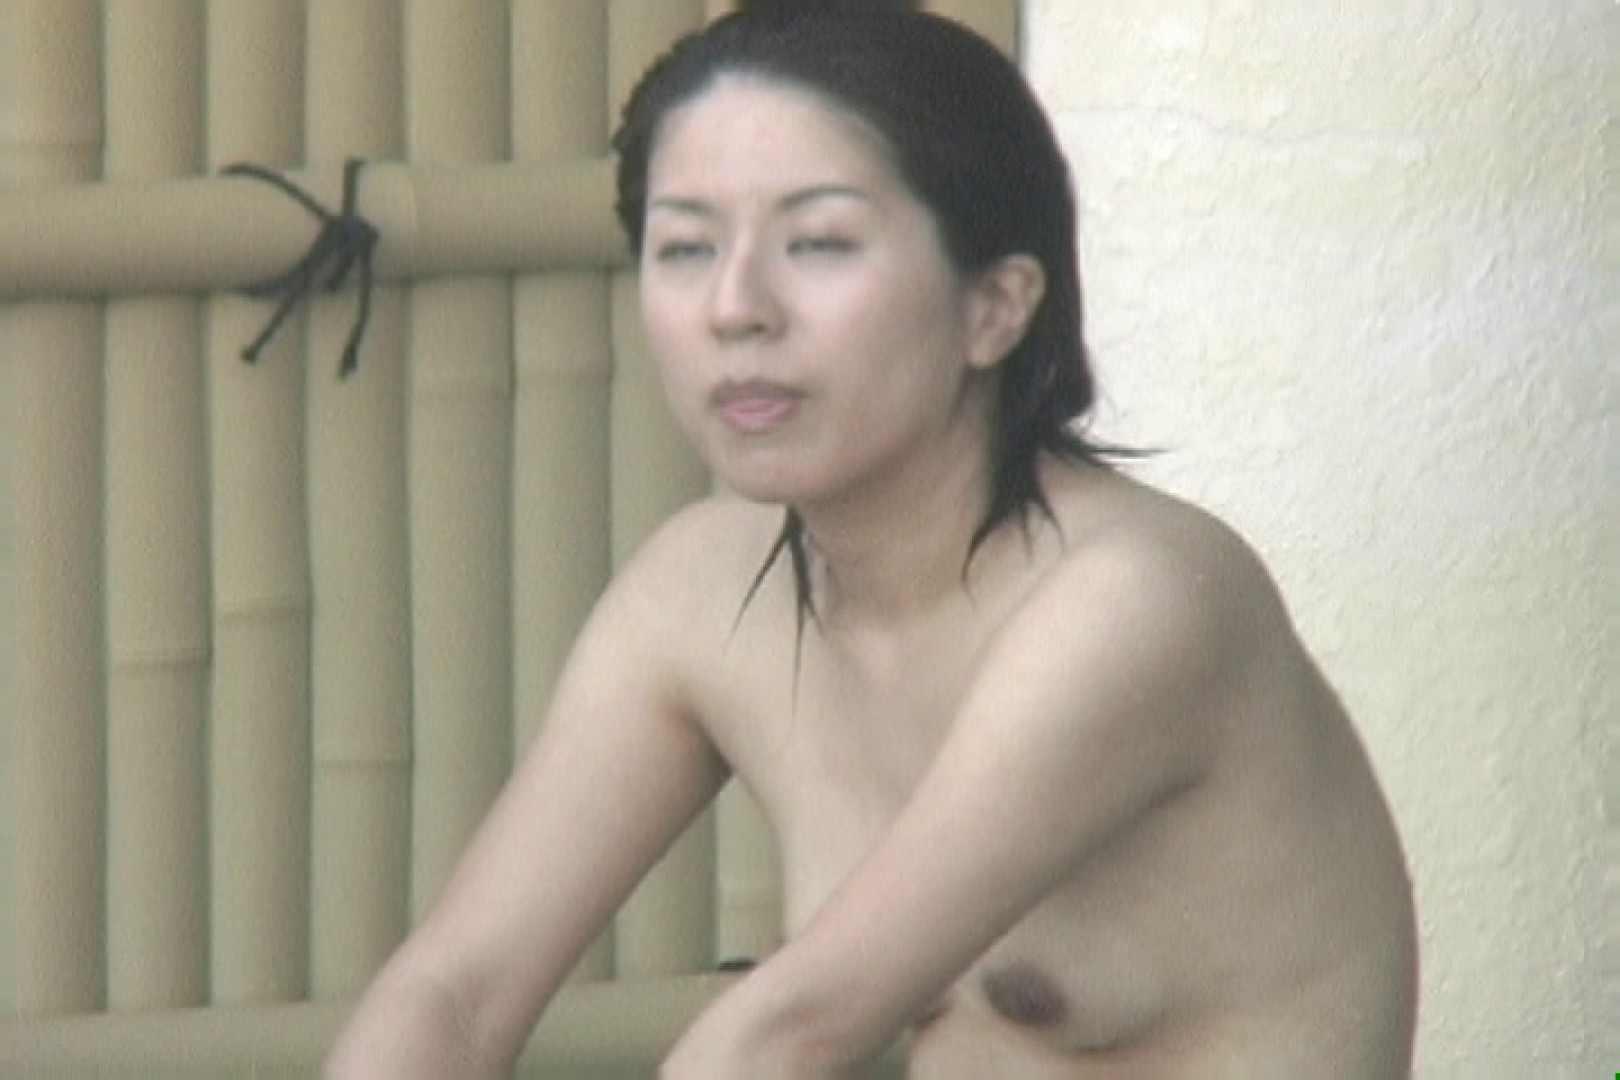 Aquaな露天風呂Vol.694 盗撮  110PICs 9